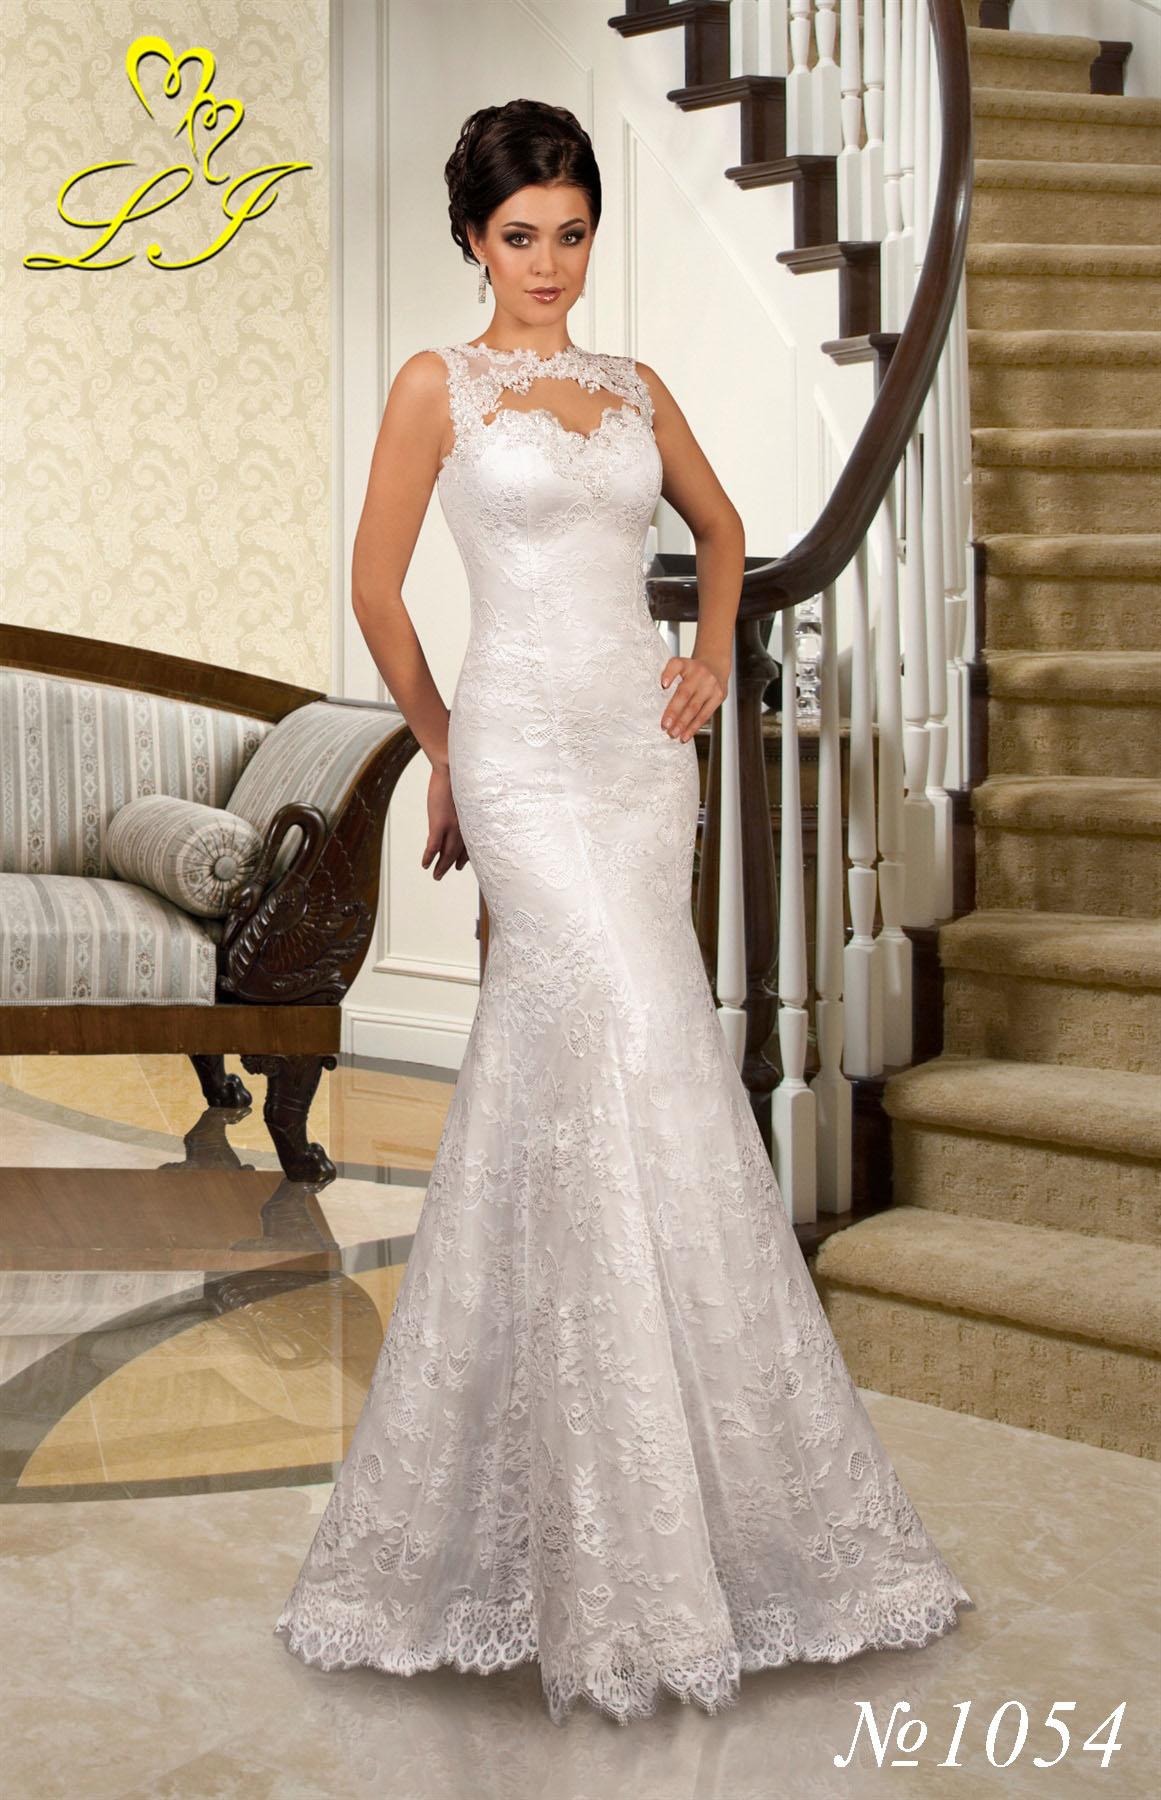 Brautkleid Nr. 1054